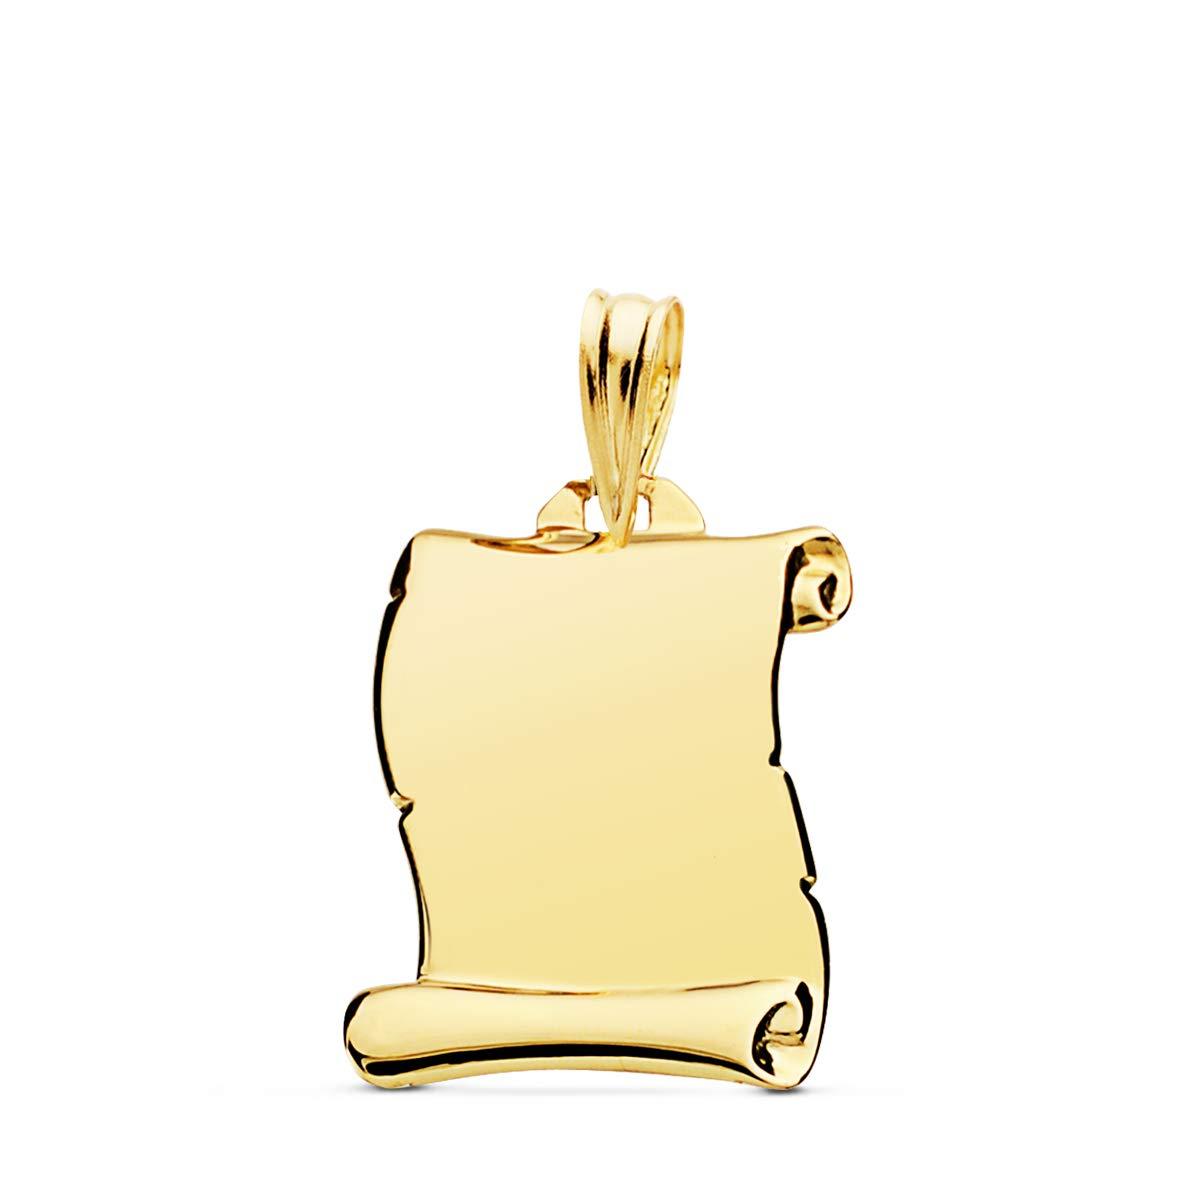 Pendentif parchemin lisse or jaune 18 carats 18 mm bijou personnalis/é